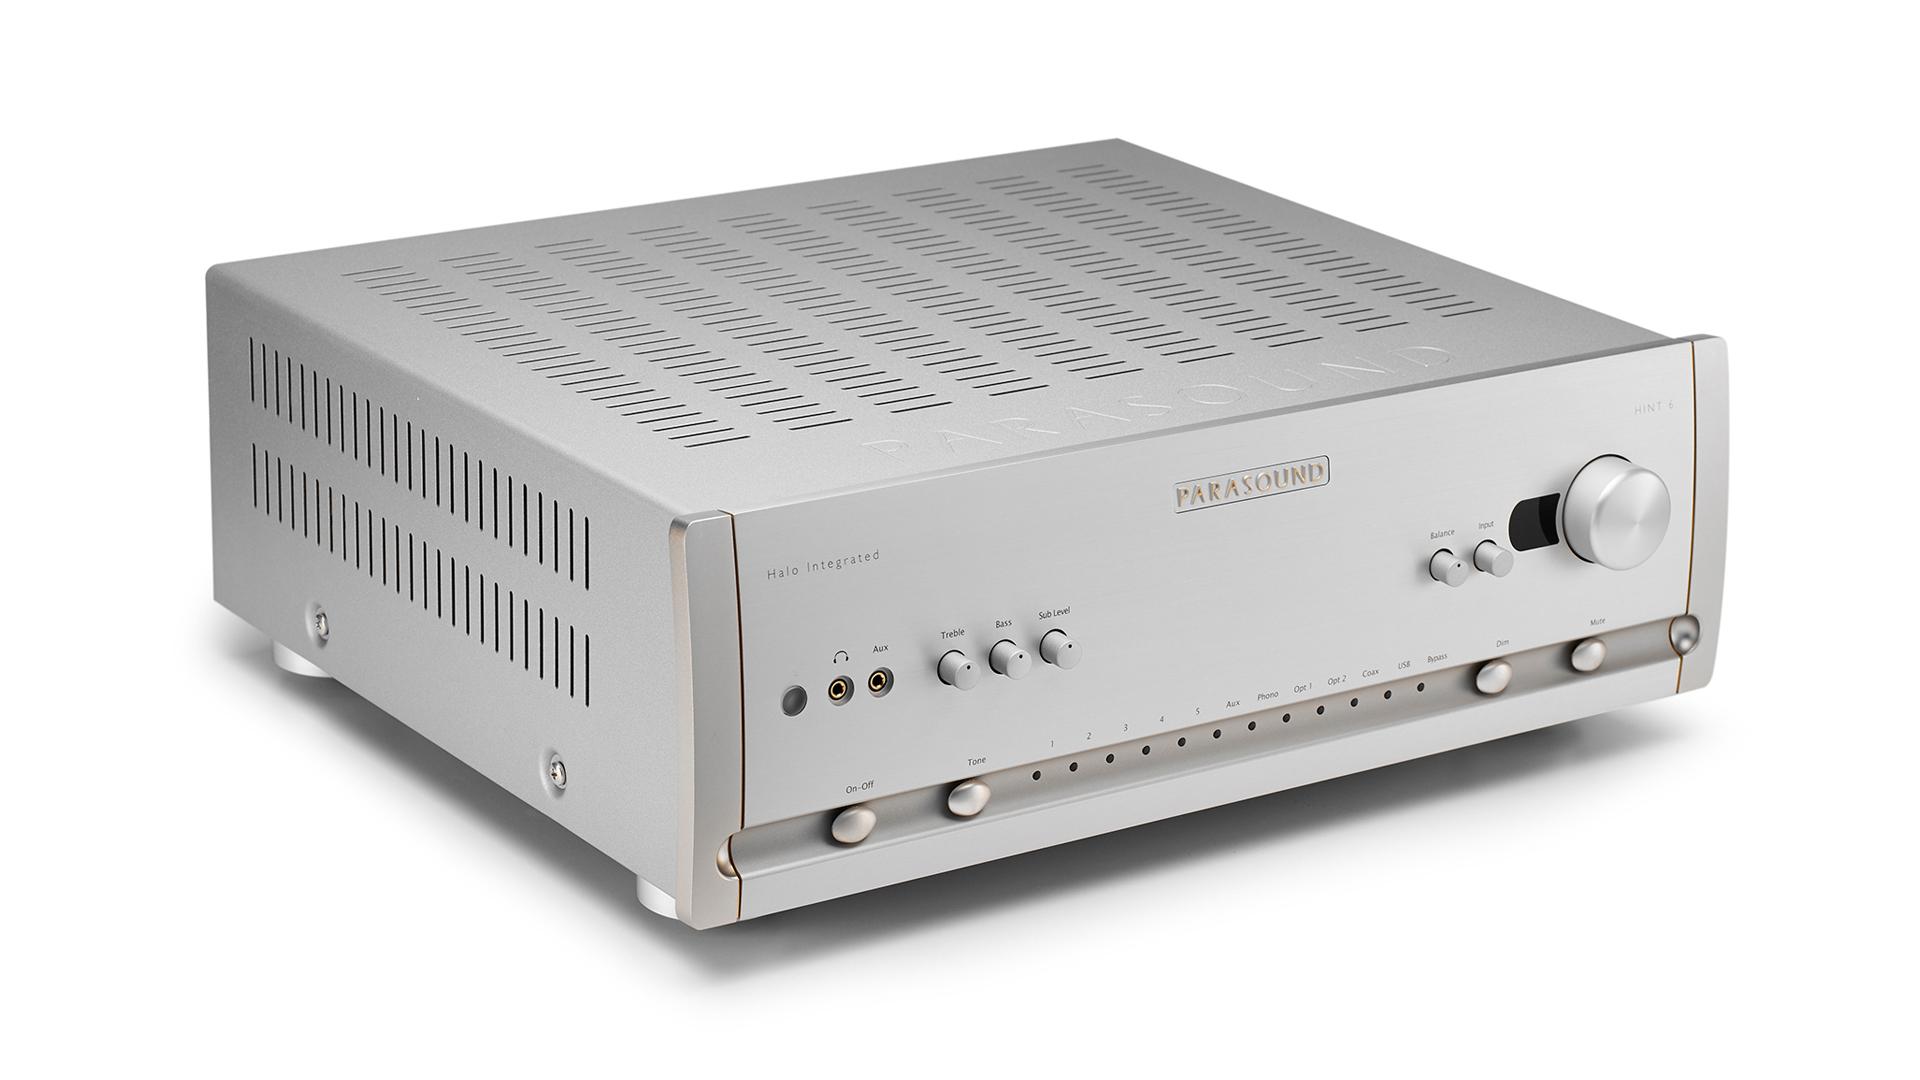 Parasound HINT 6 review | What Hi-Fi?